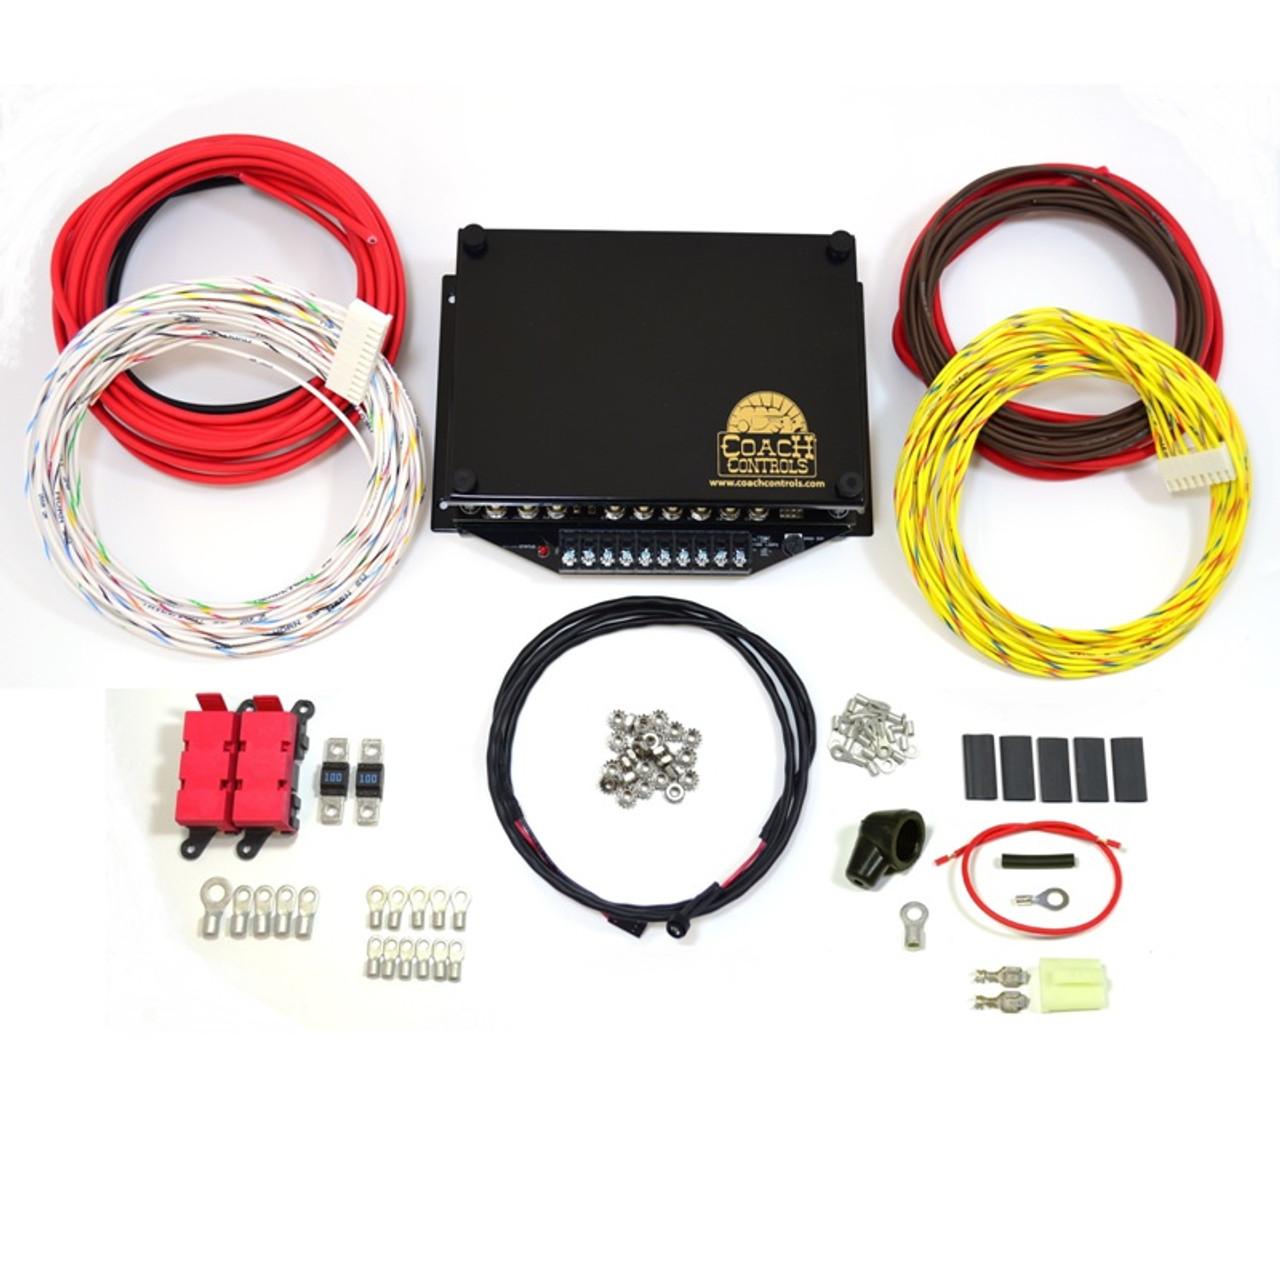 Coach-1 Base Wiring Kit